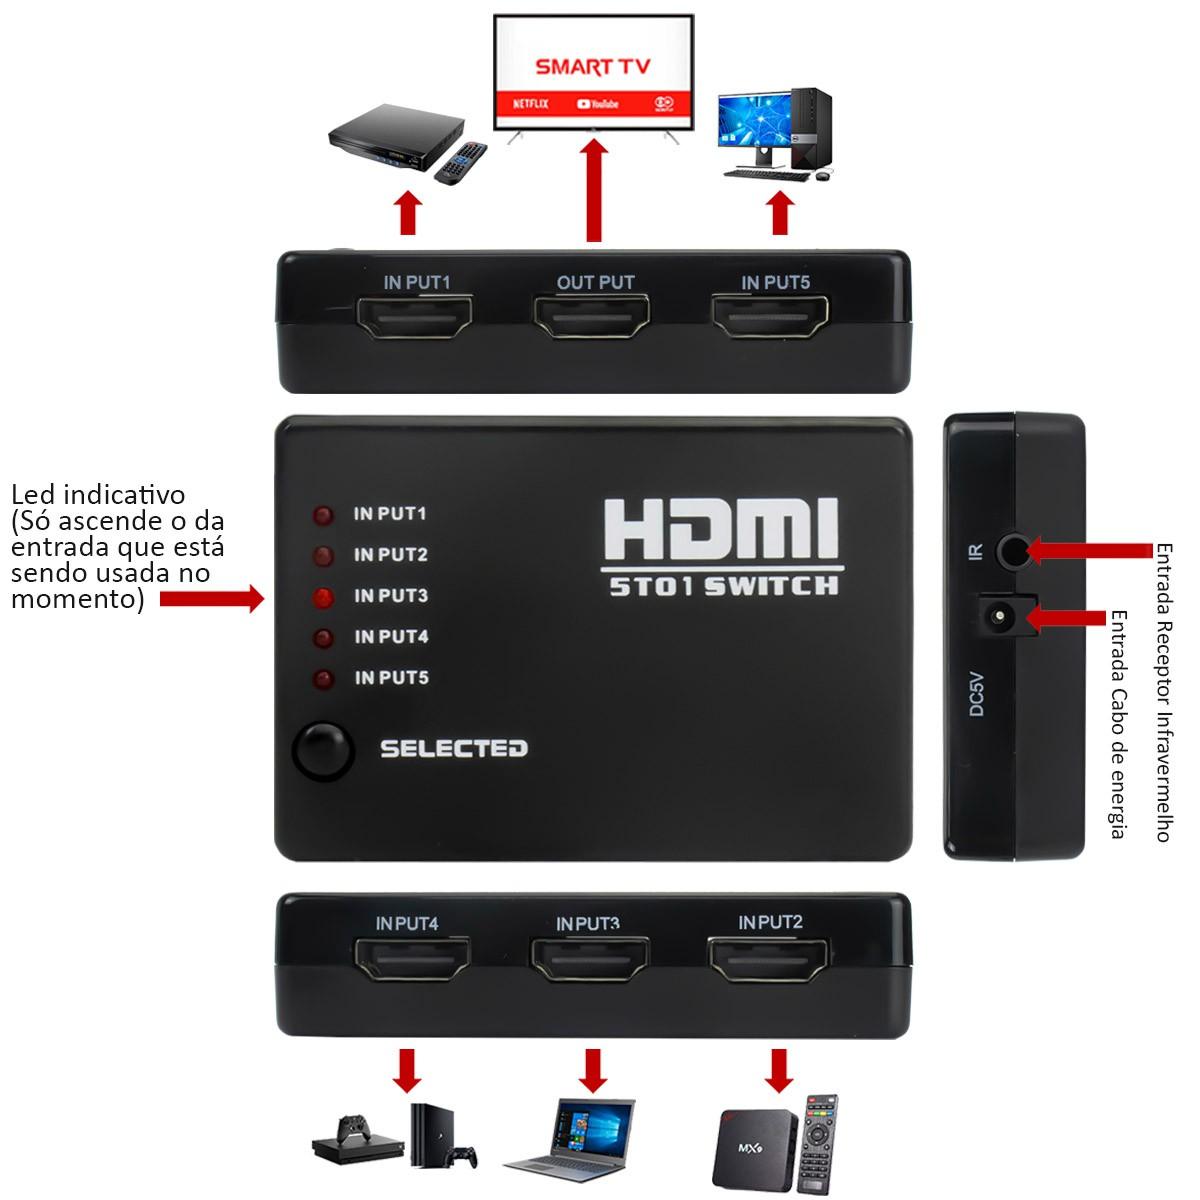 KIT Switch HDMI 5 Entradas x 1 Saida com Controle Remoto e Extensor + 4 Cabo hdmi de 1 Metro